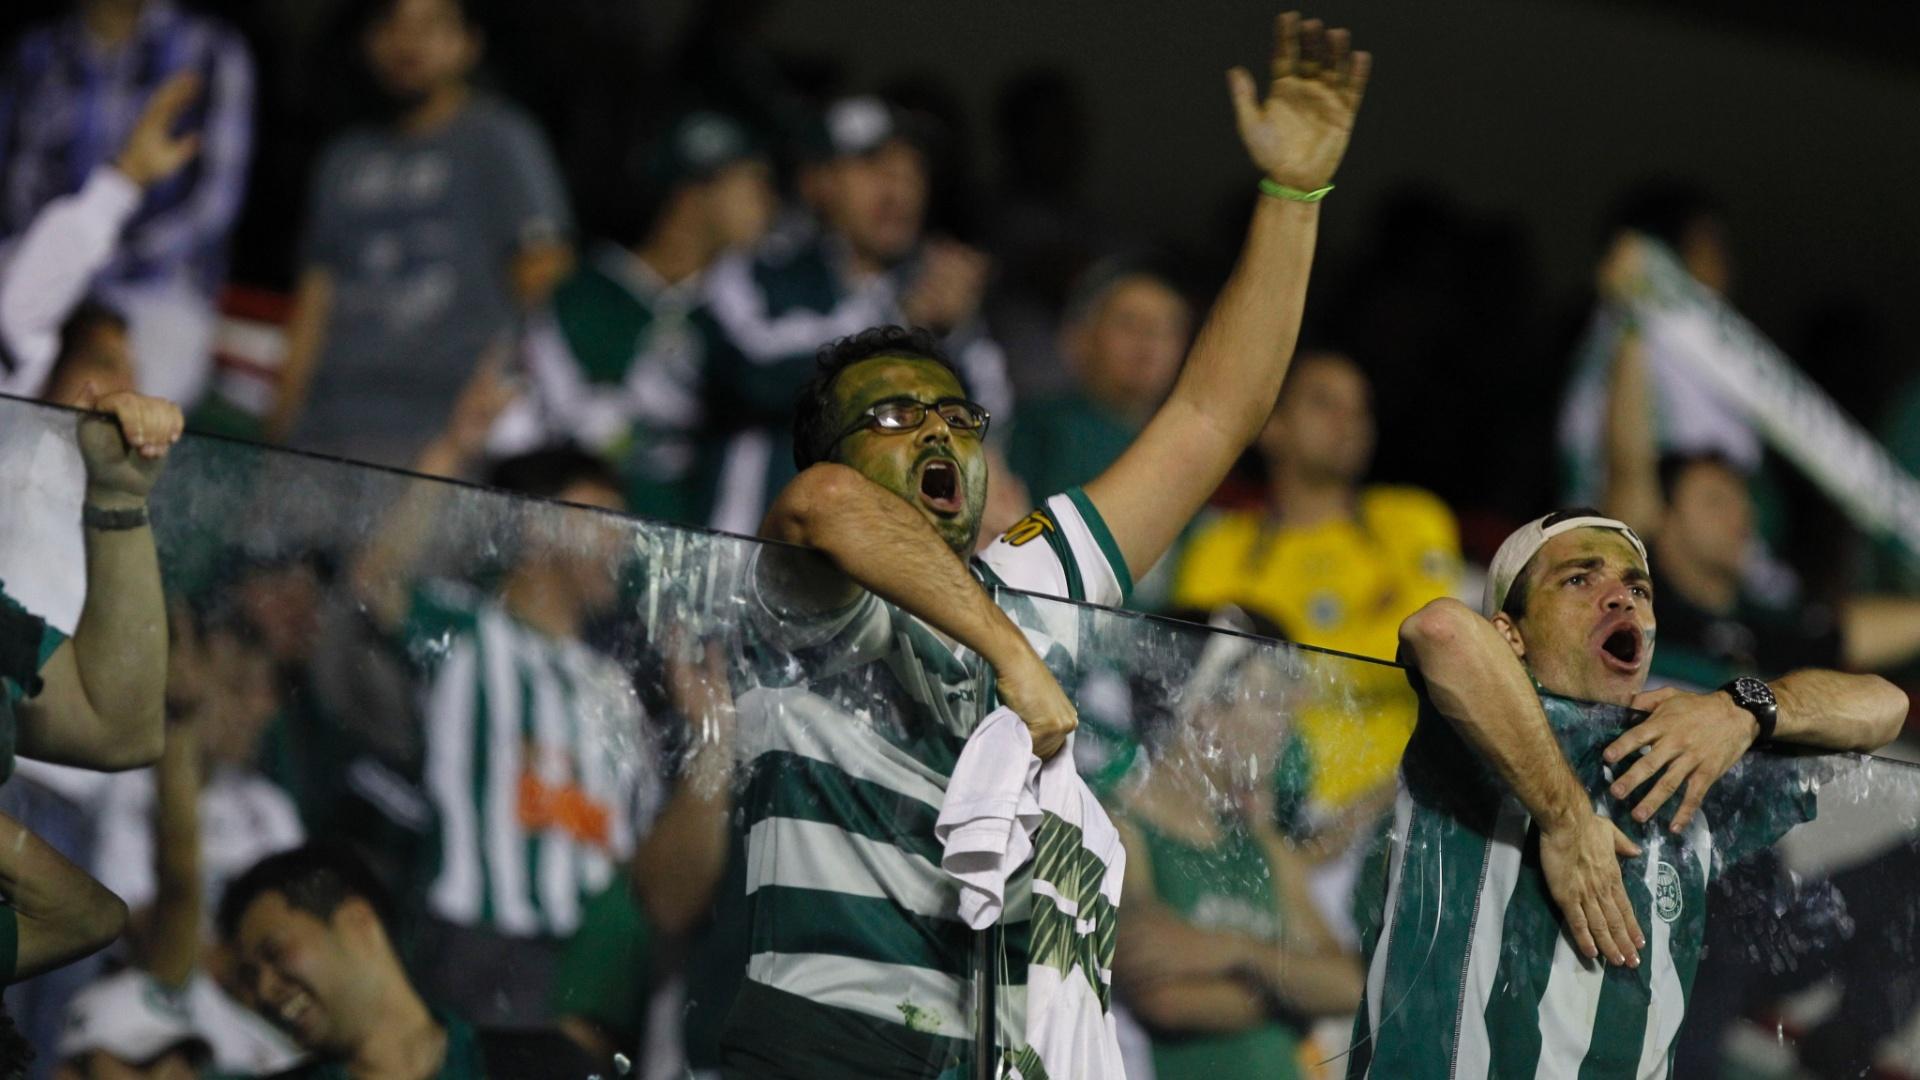 Torcida do Coritiba compareceu em bom número à Arena Barueri para acompanhar a decisão da Copa do Brasil